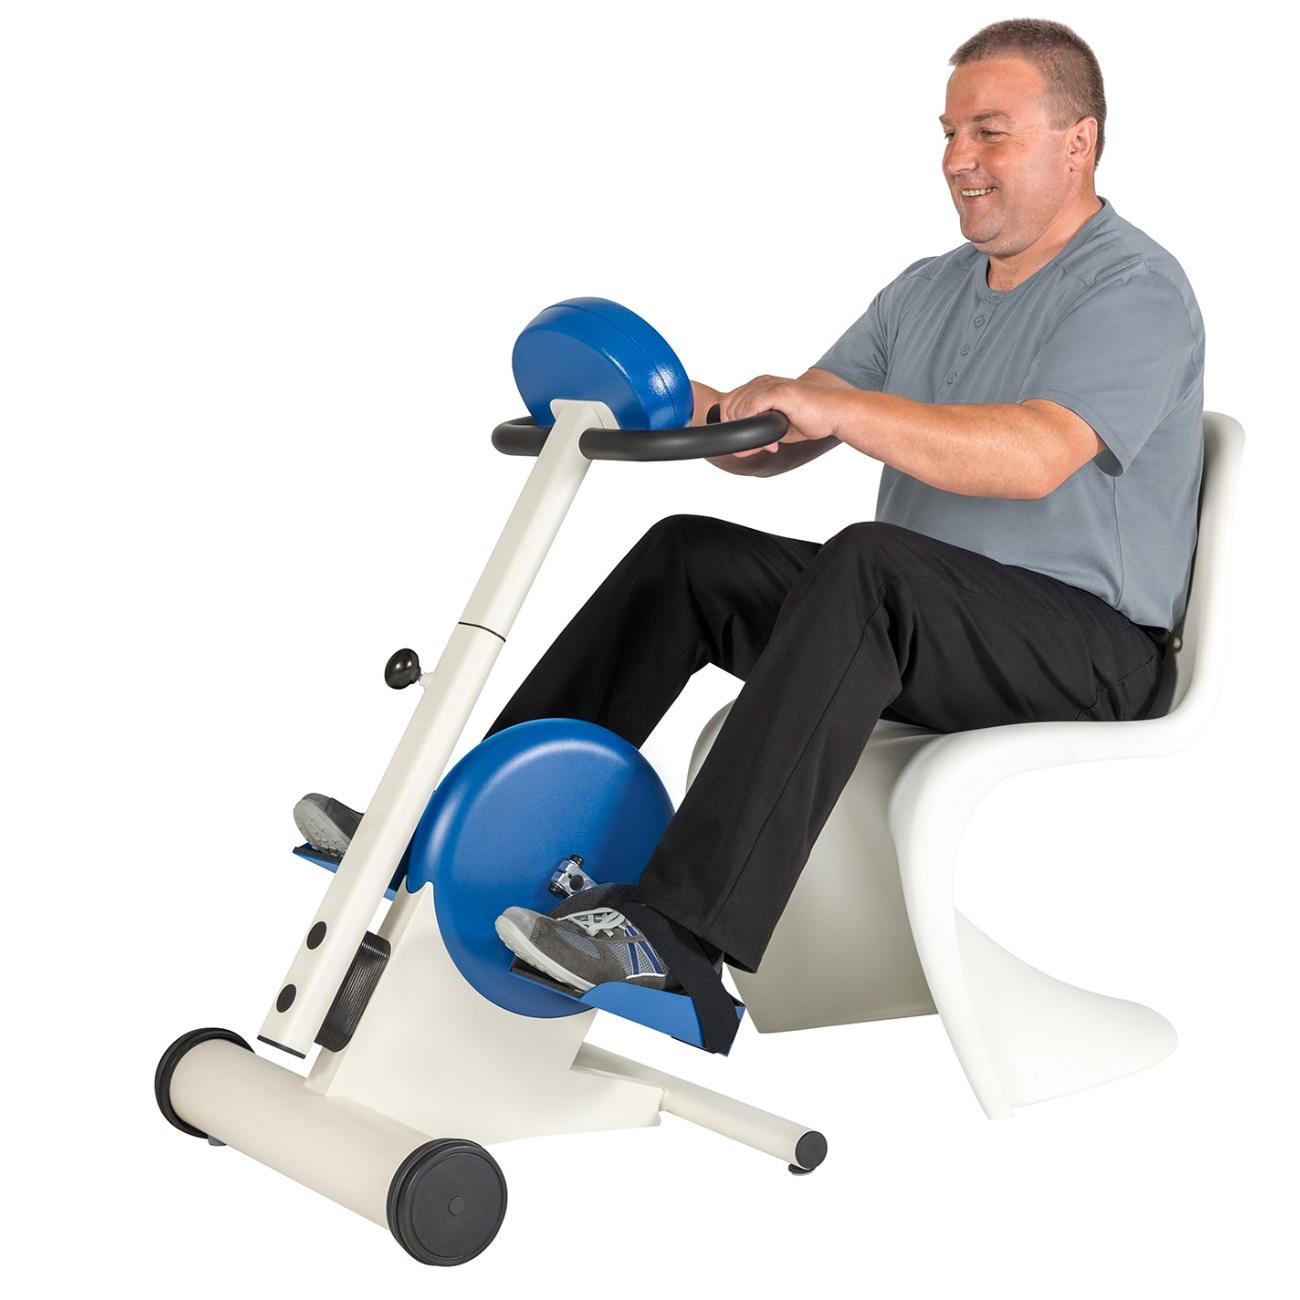 Xe đạp tập vật lý trị liệu-3